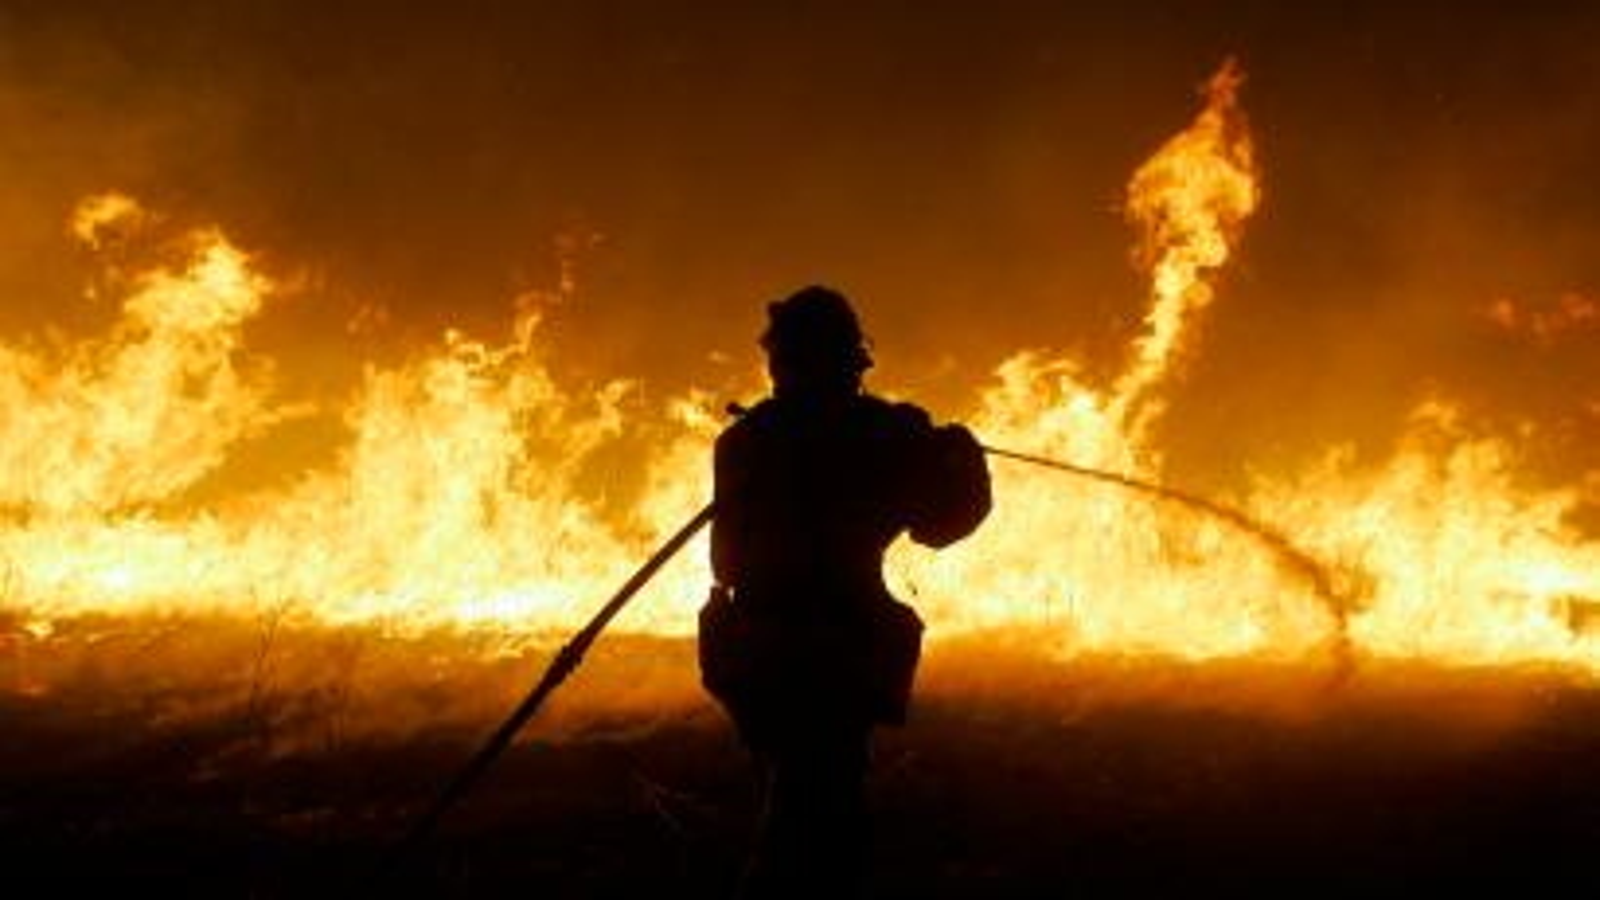 firefighter battles a fire